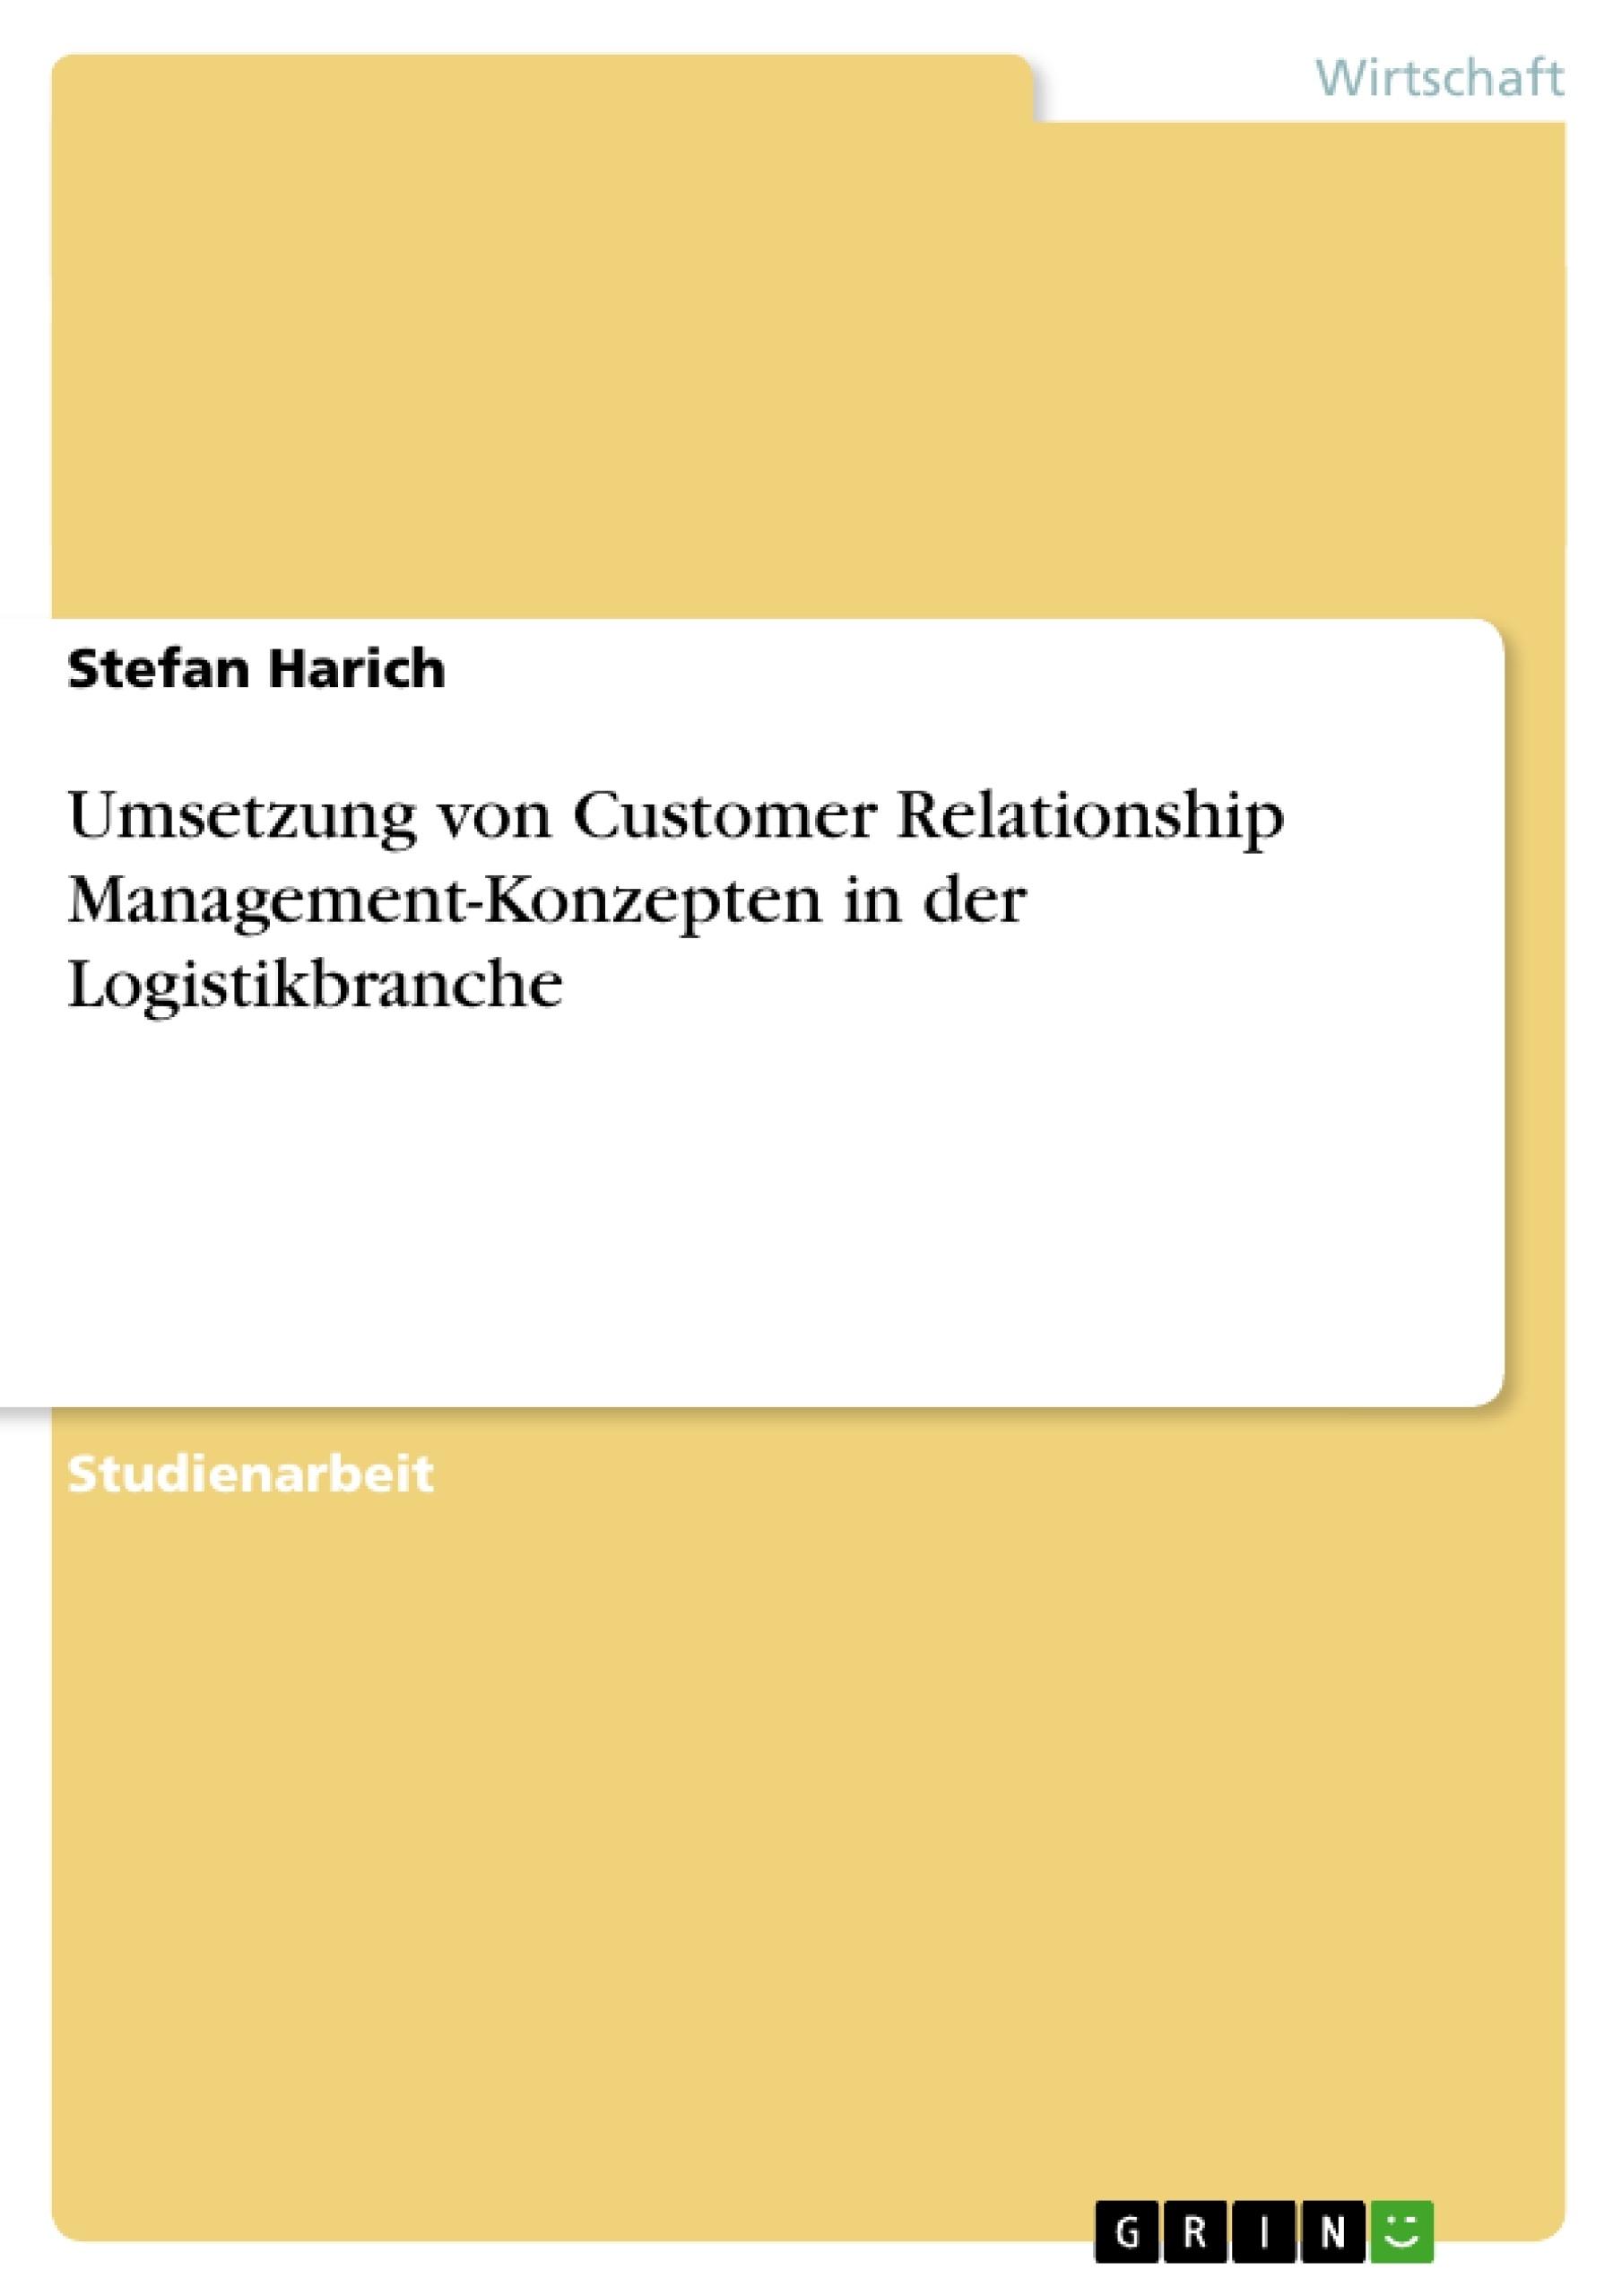 Titel: Umsetzung von Customer Relationship Management-Konzepten in der Logistikbranche